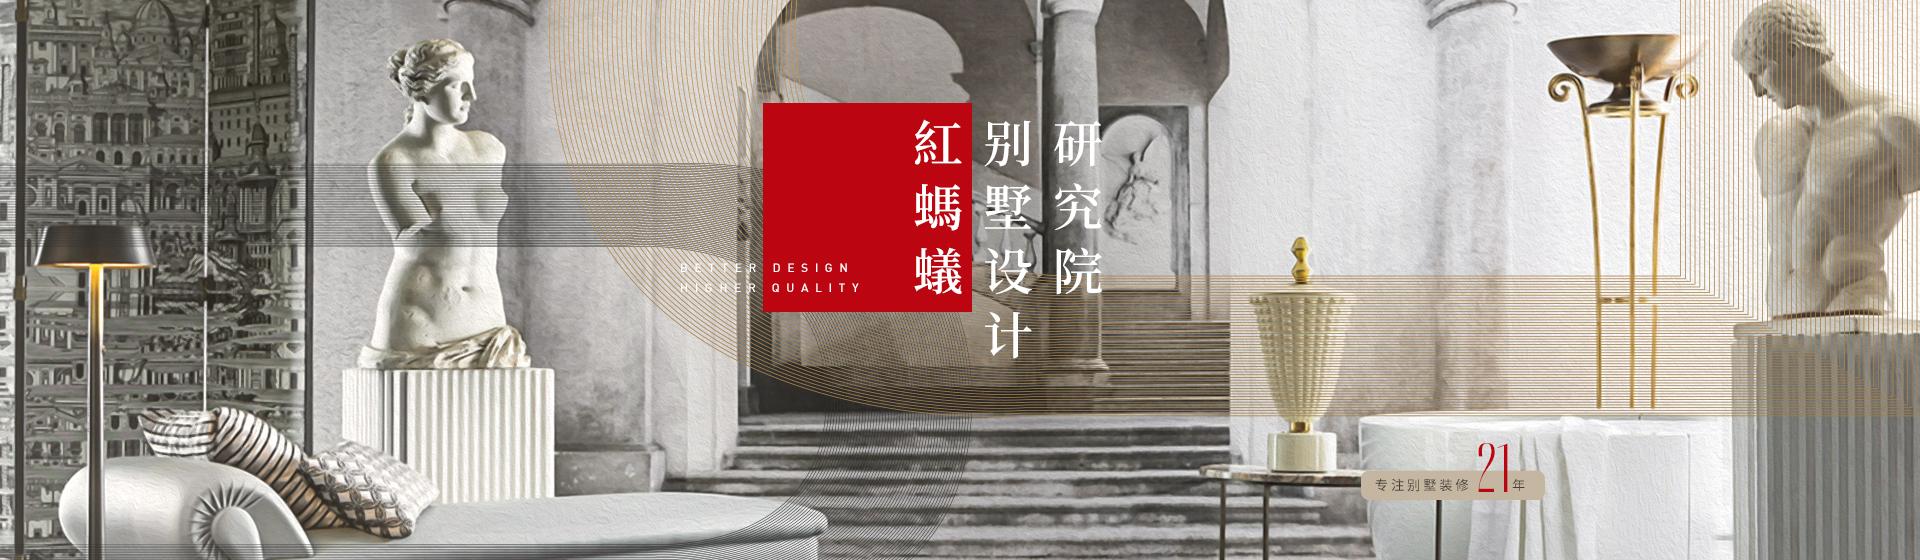 万博网页版登录设计研究院